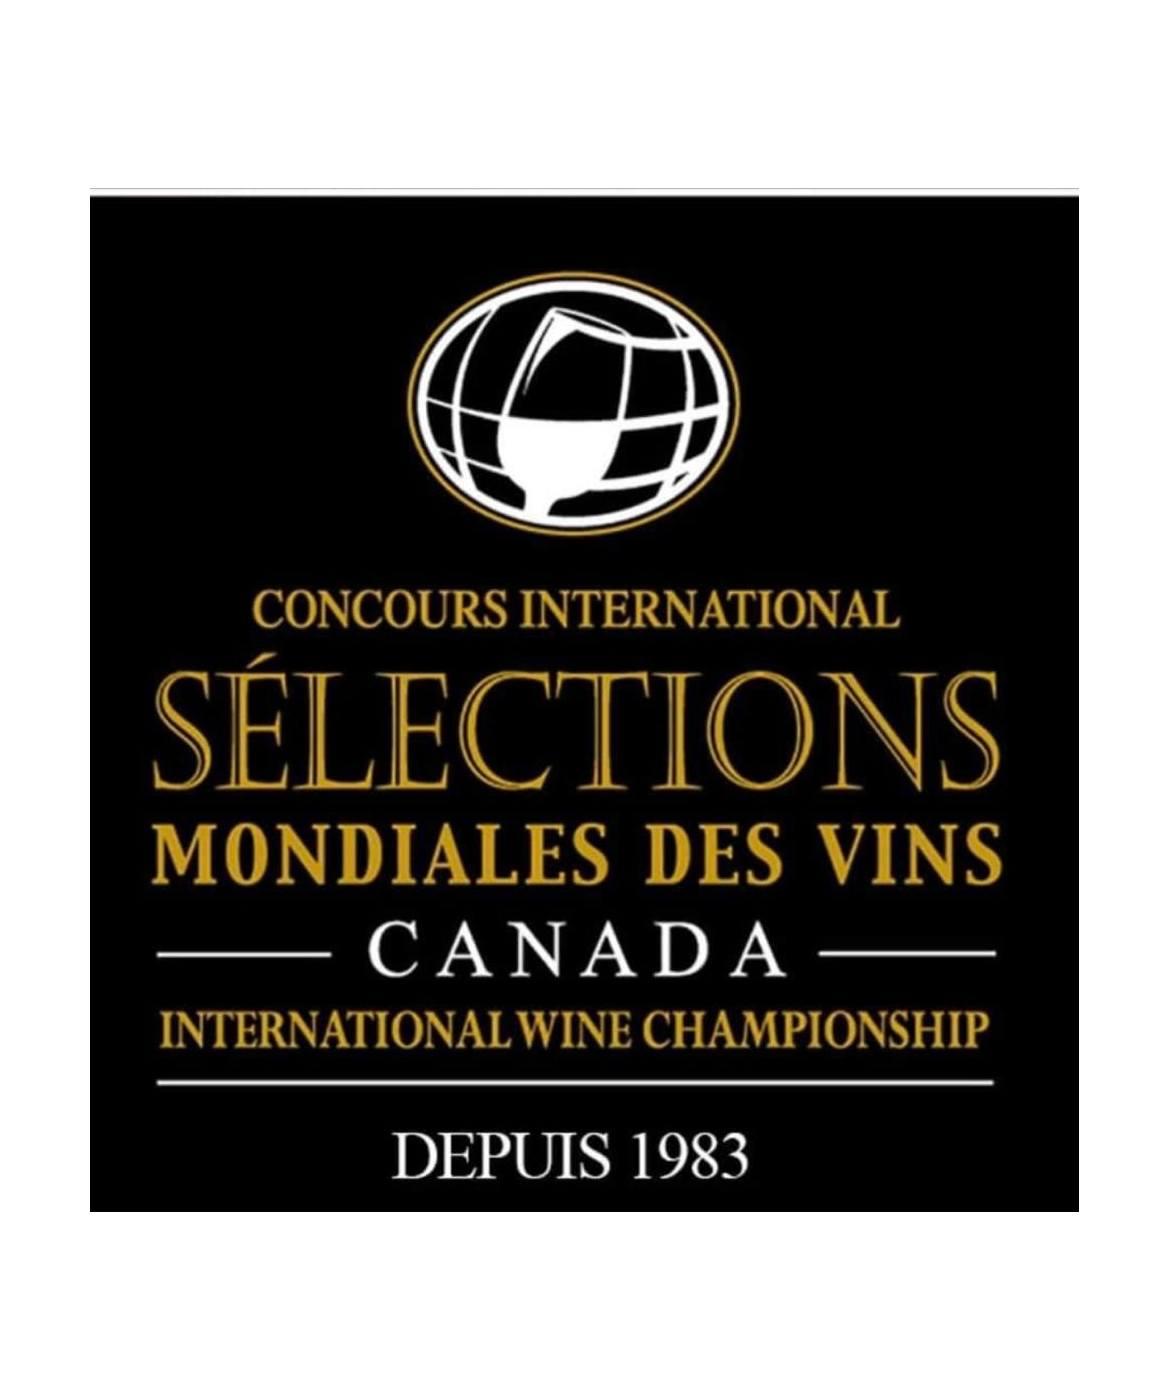 moscato premio Canada International wine championship